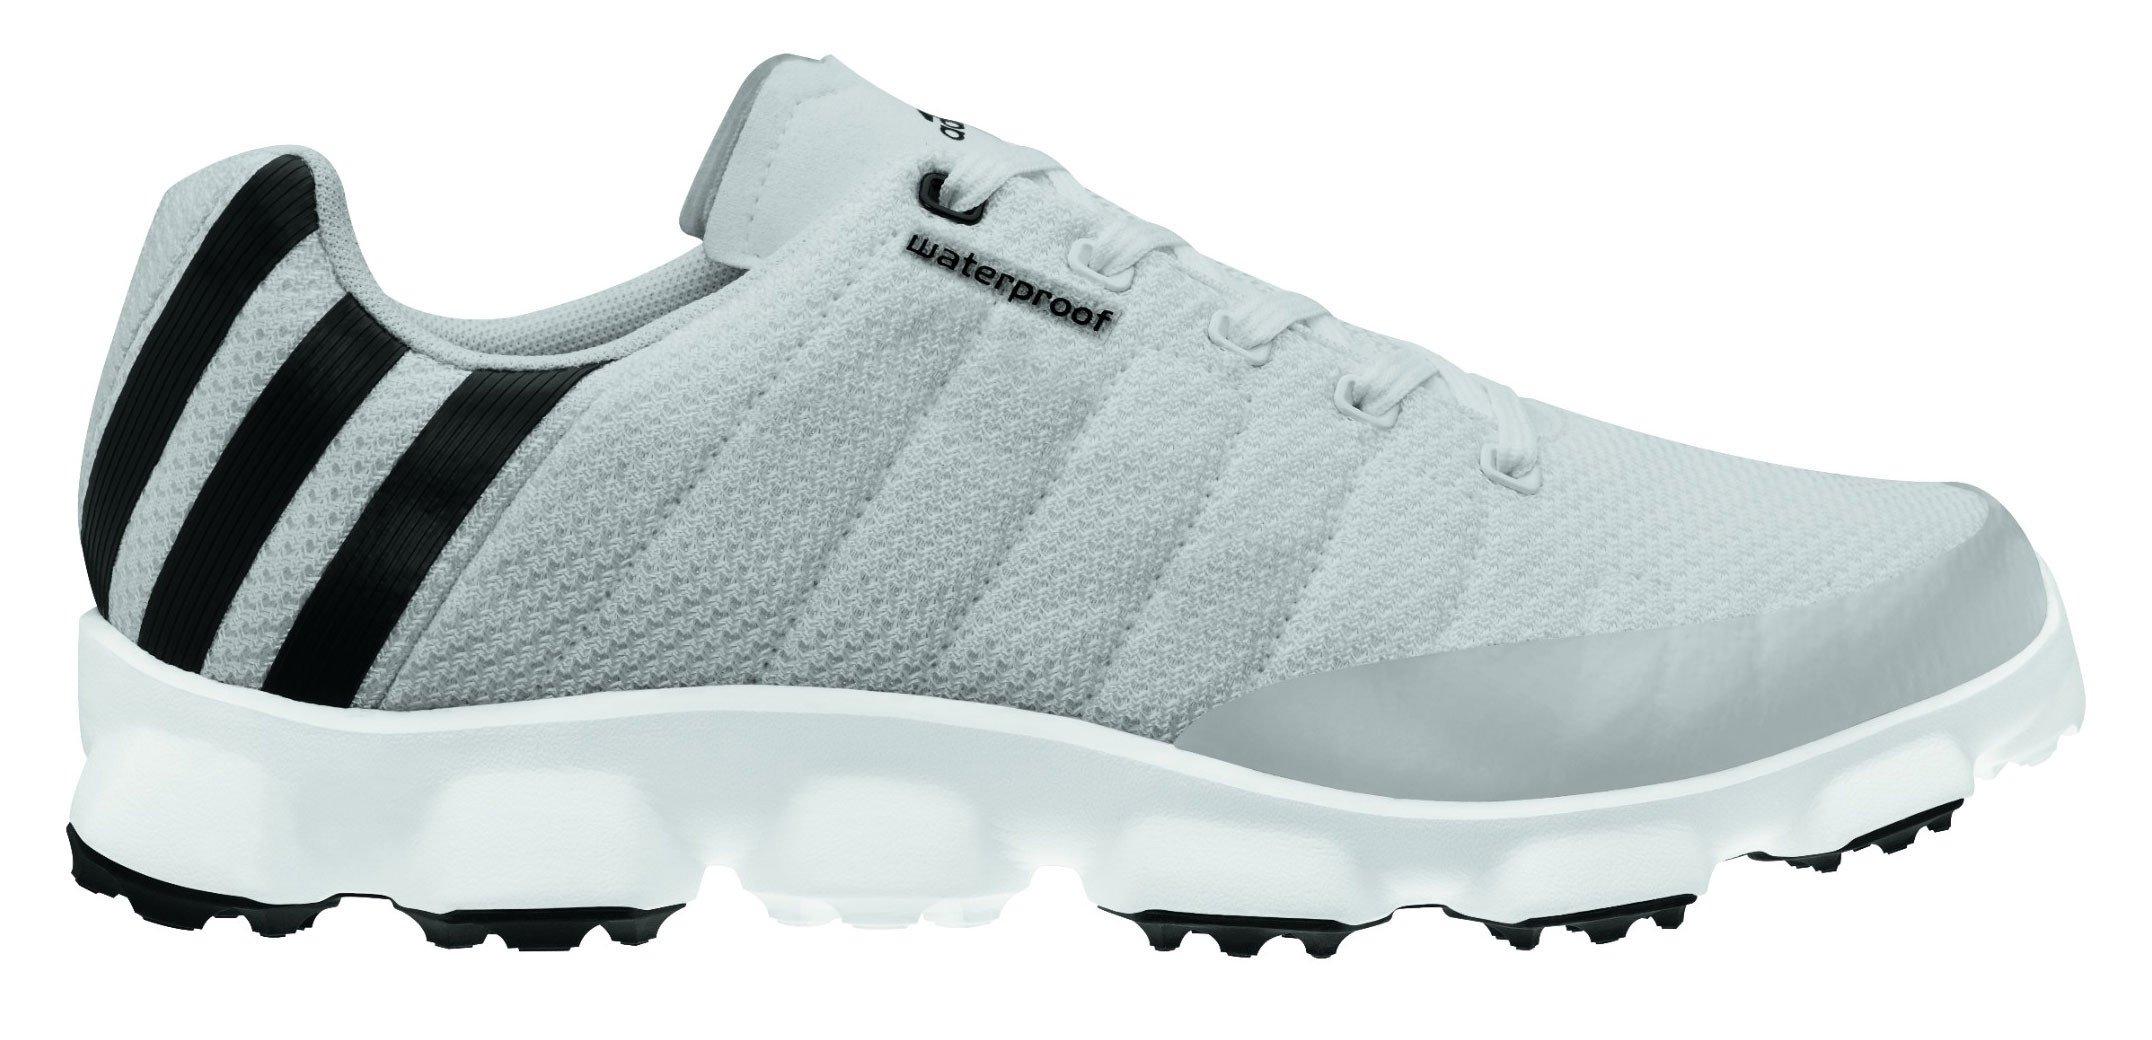 Adidas Crossflex Spikeless Golf Shoes